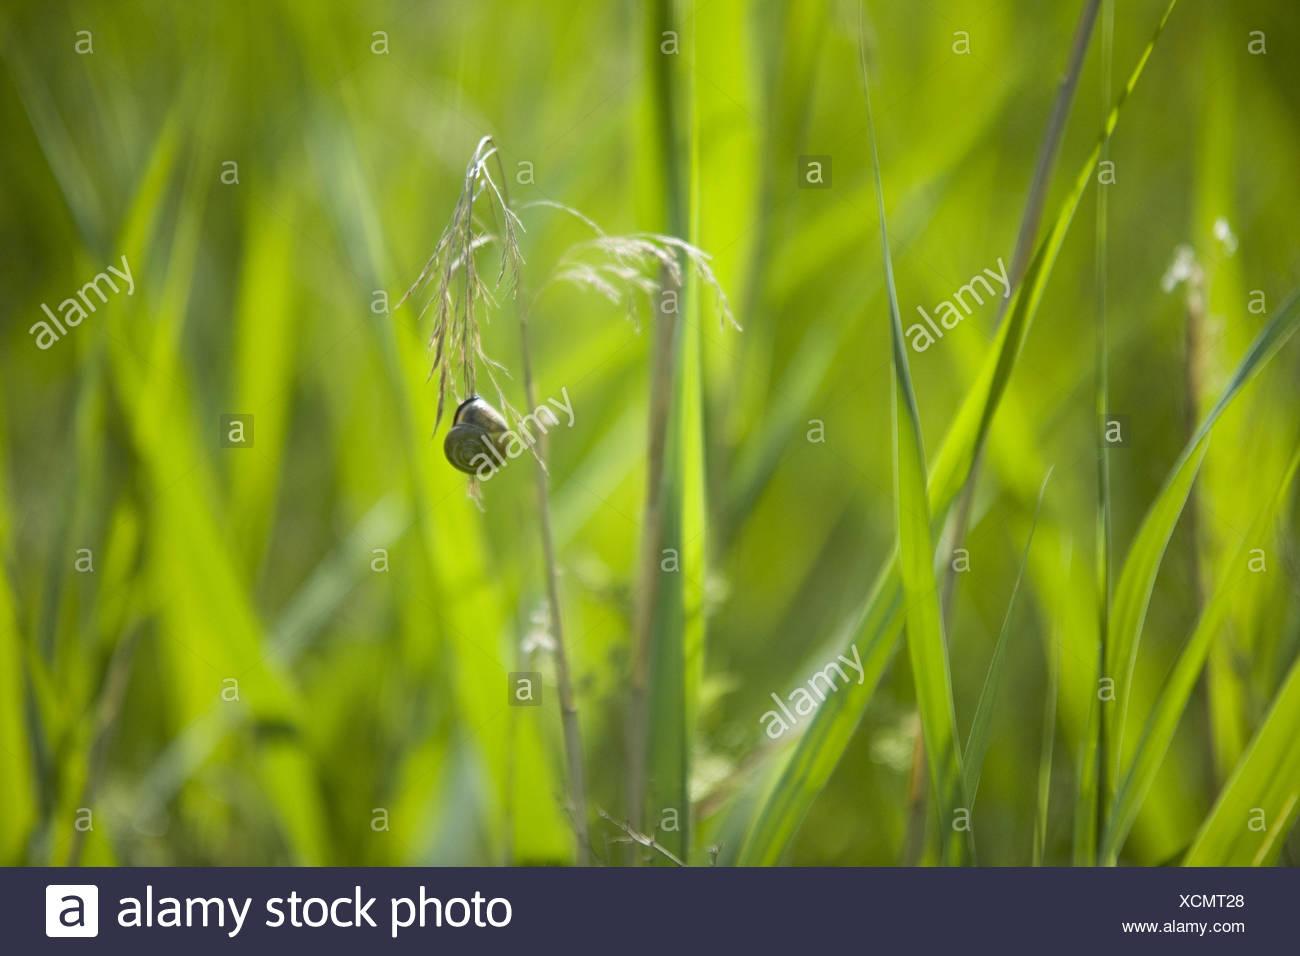 Escargot in blade grass, - Stock Image